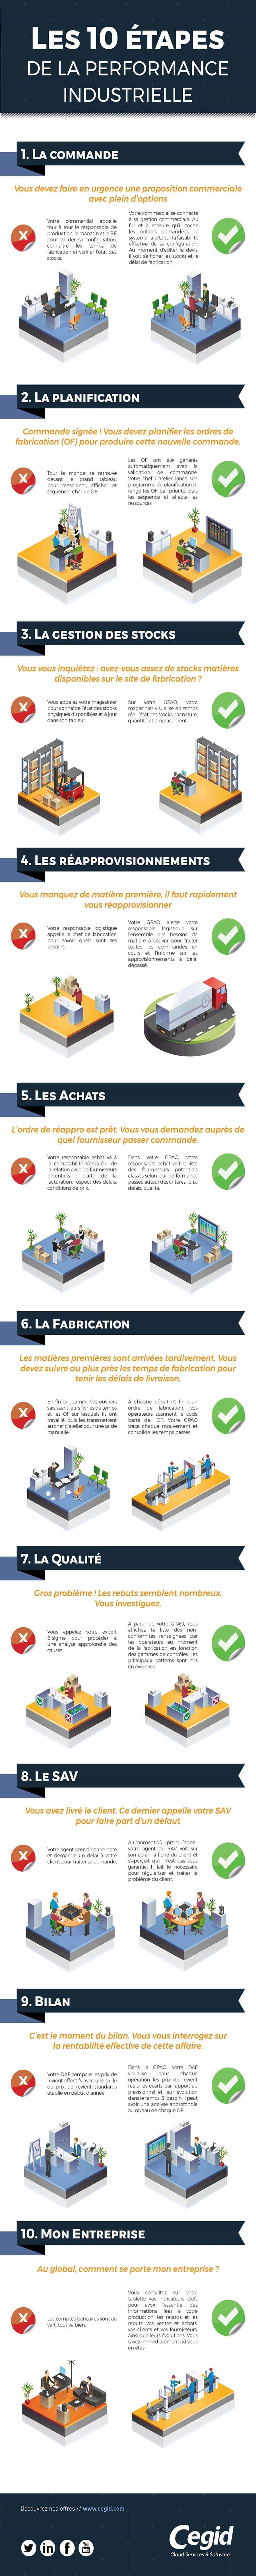 Les 10 étapes de la performance industrielle